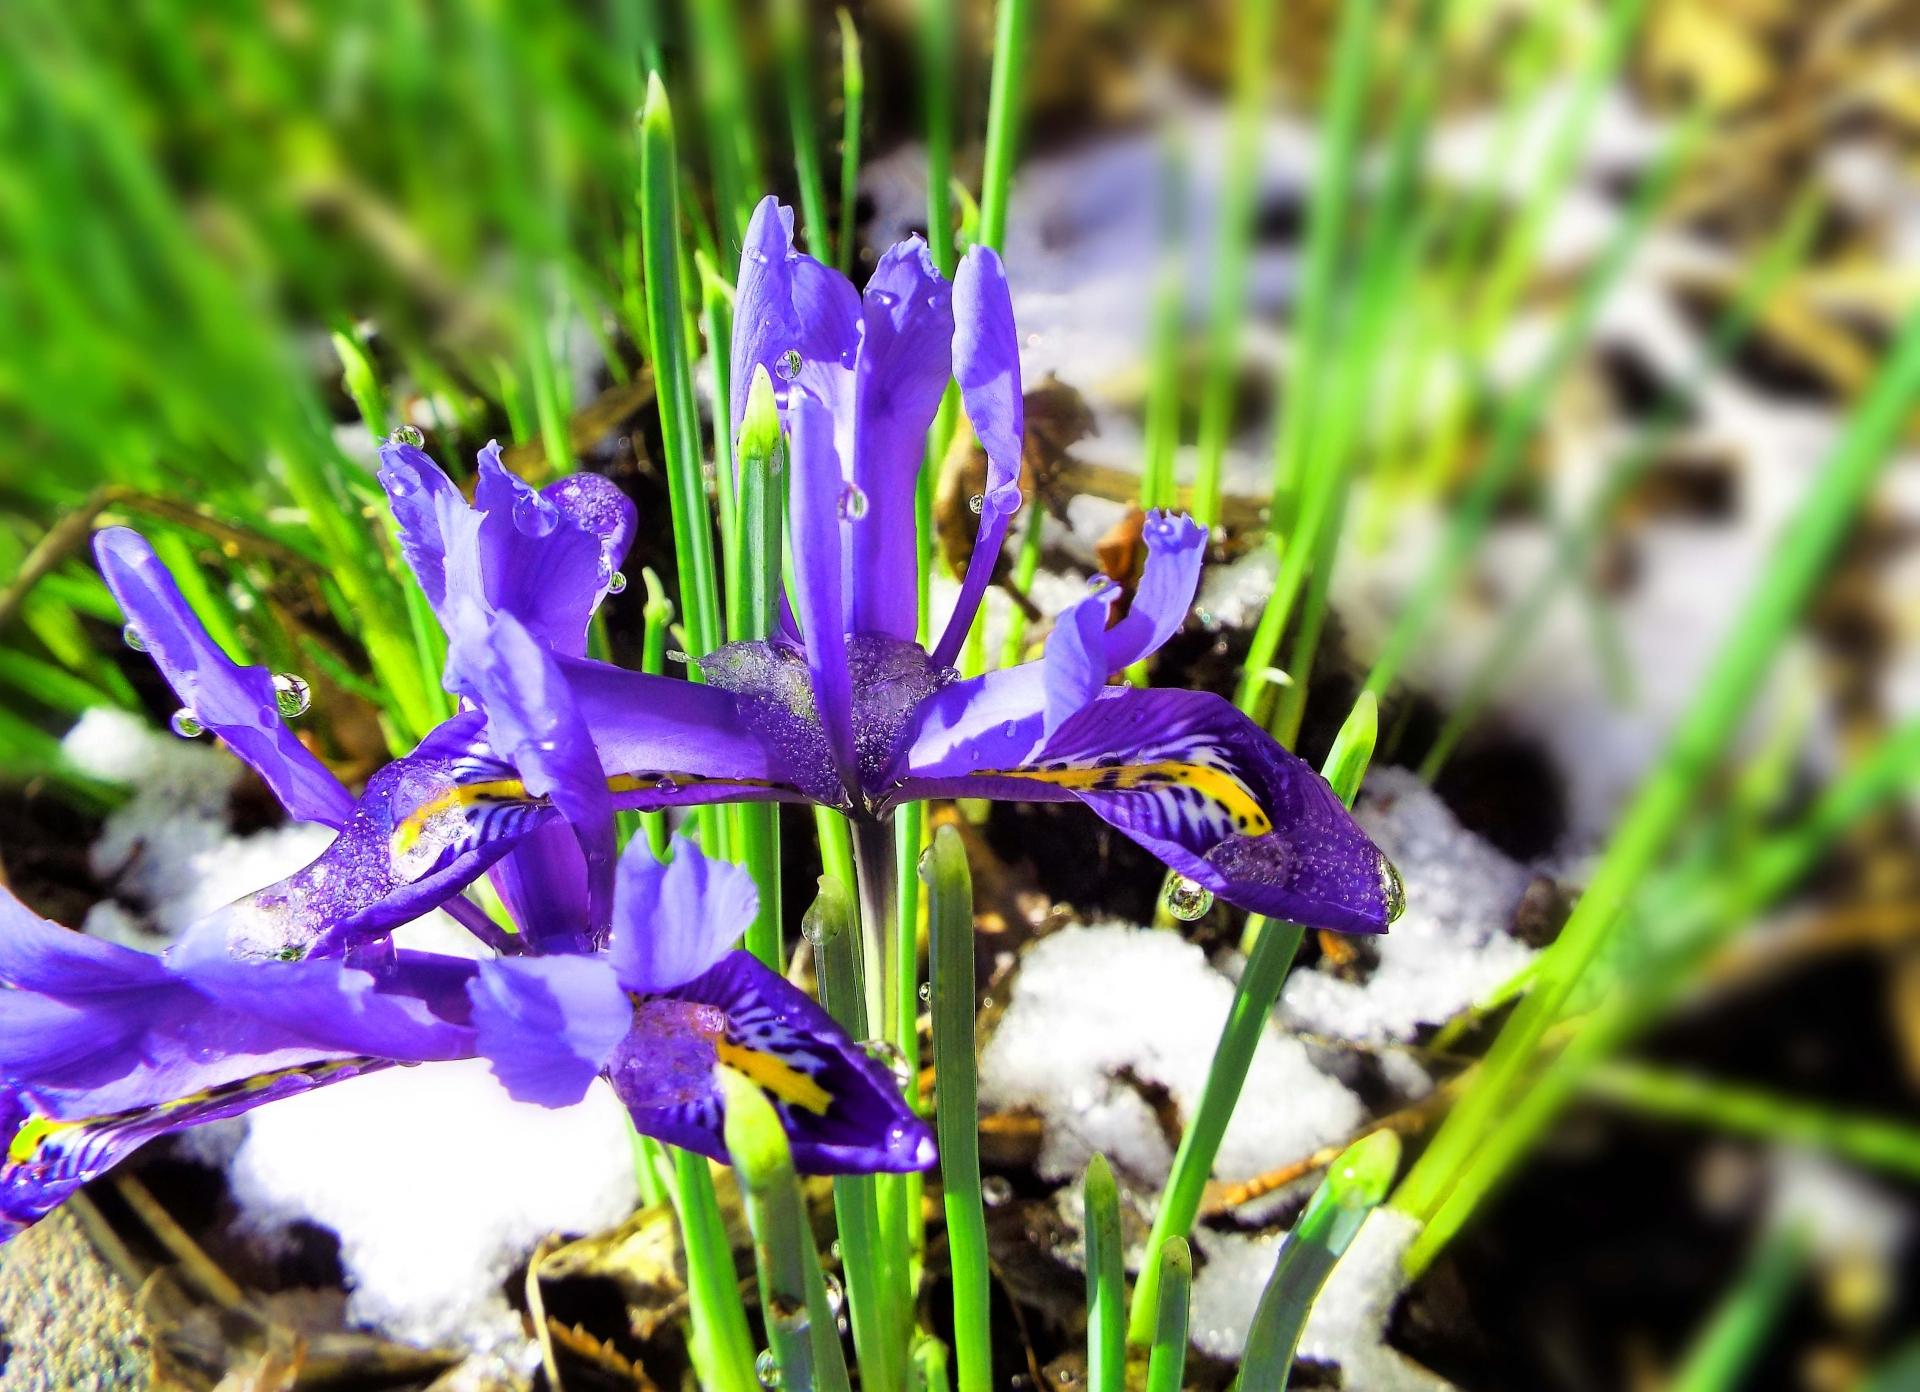 ガーデン用品屋さんの花図鑑 ミニアイリス